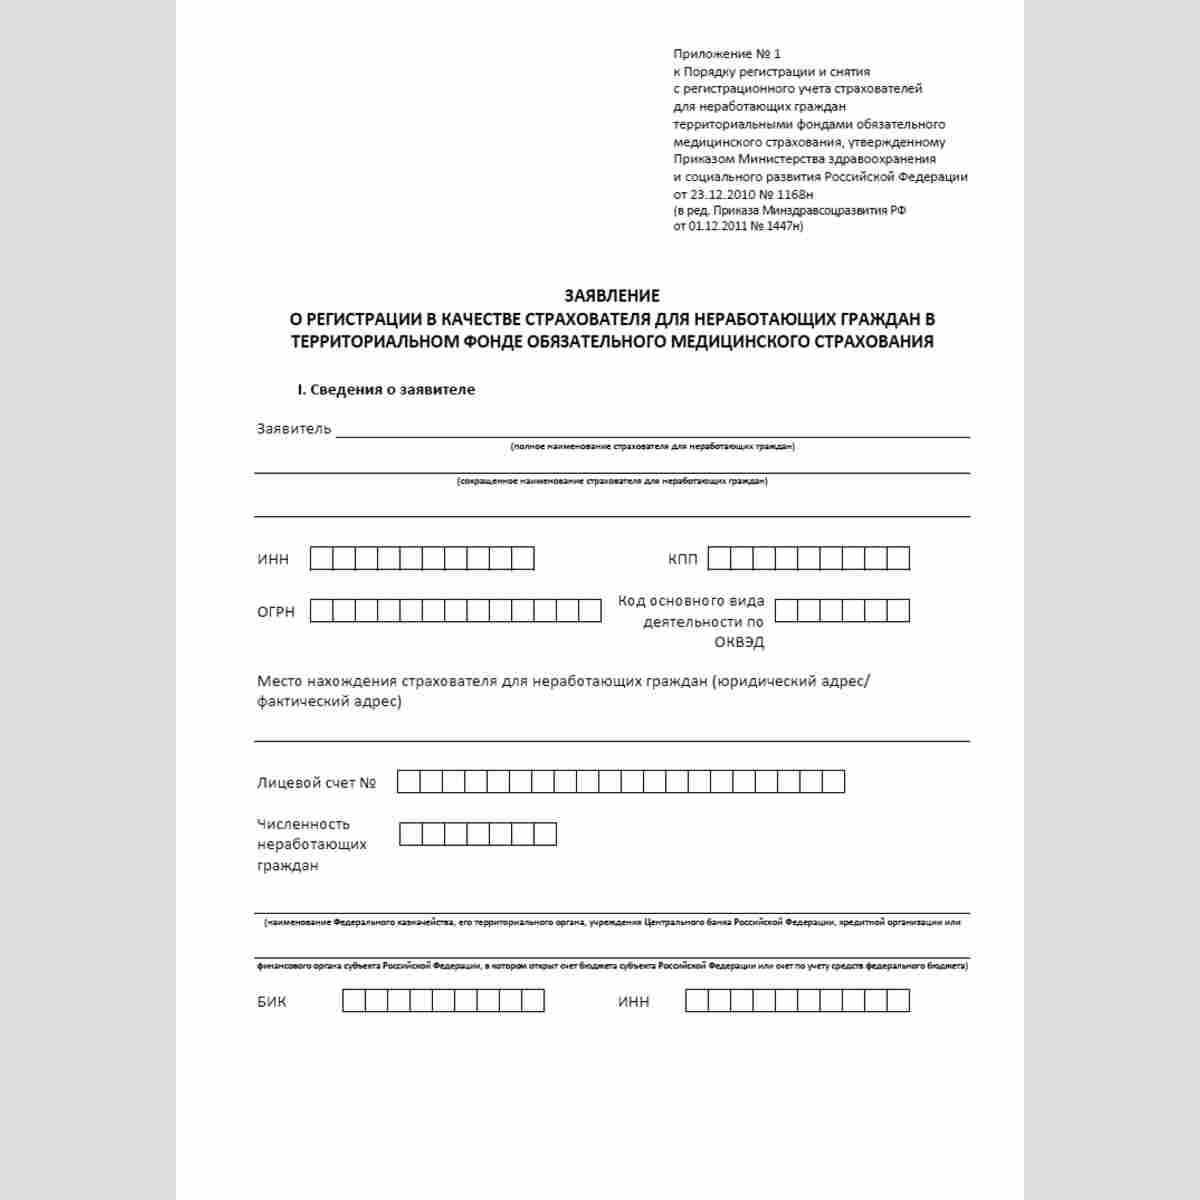 """Форма """"Заявление о регистрации в качестве страхователя для неработающих граждан в территориальном фонде обязательного медицинского страхования"""". Стр."""